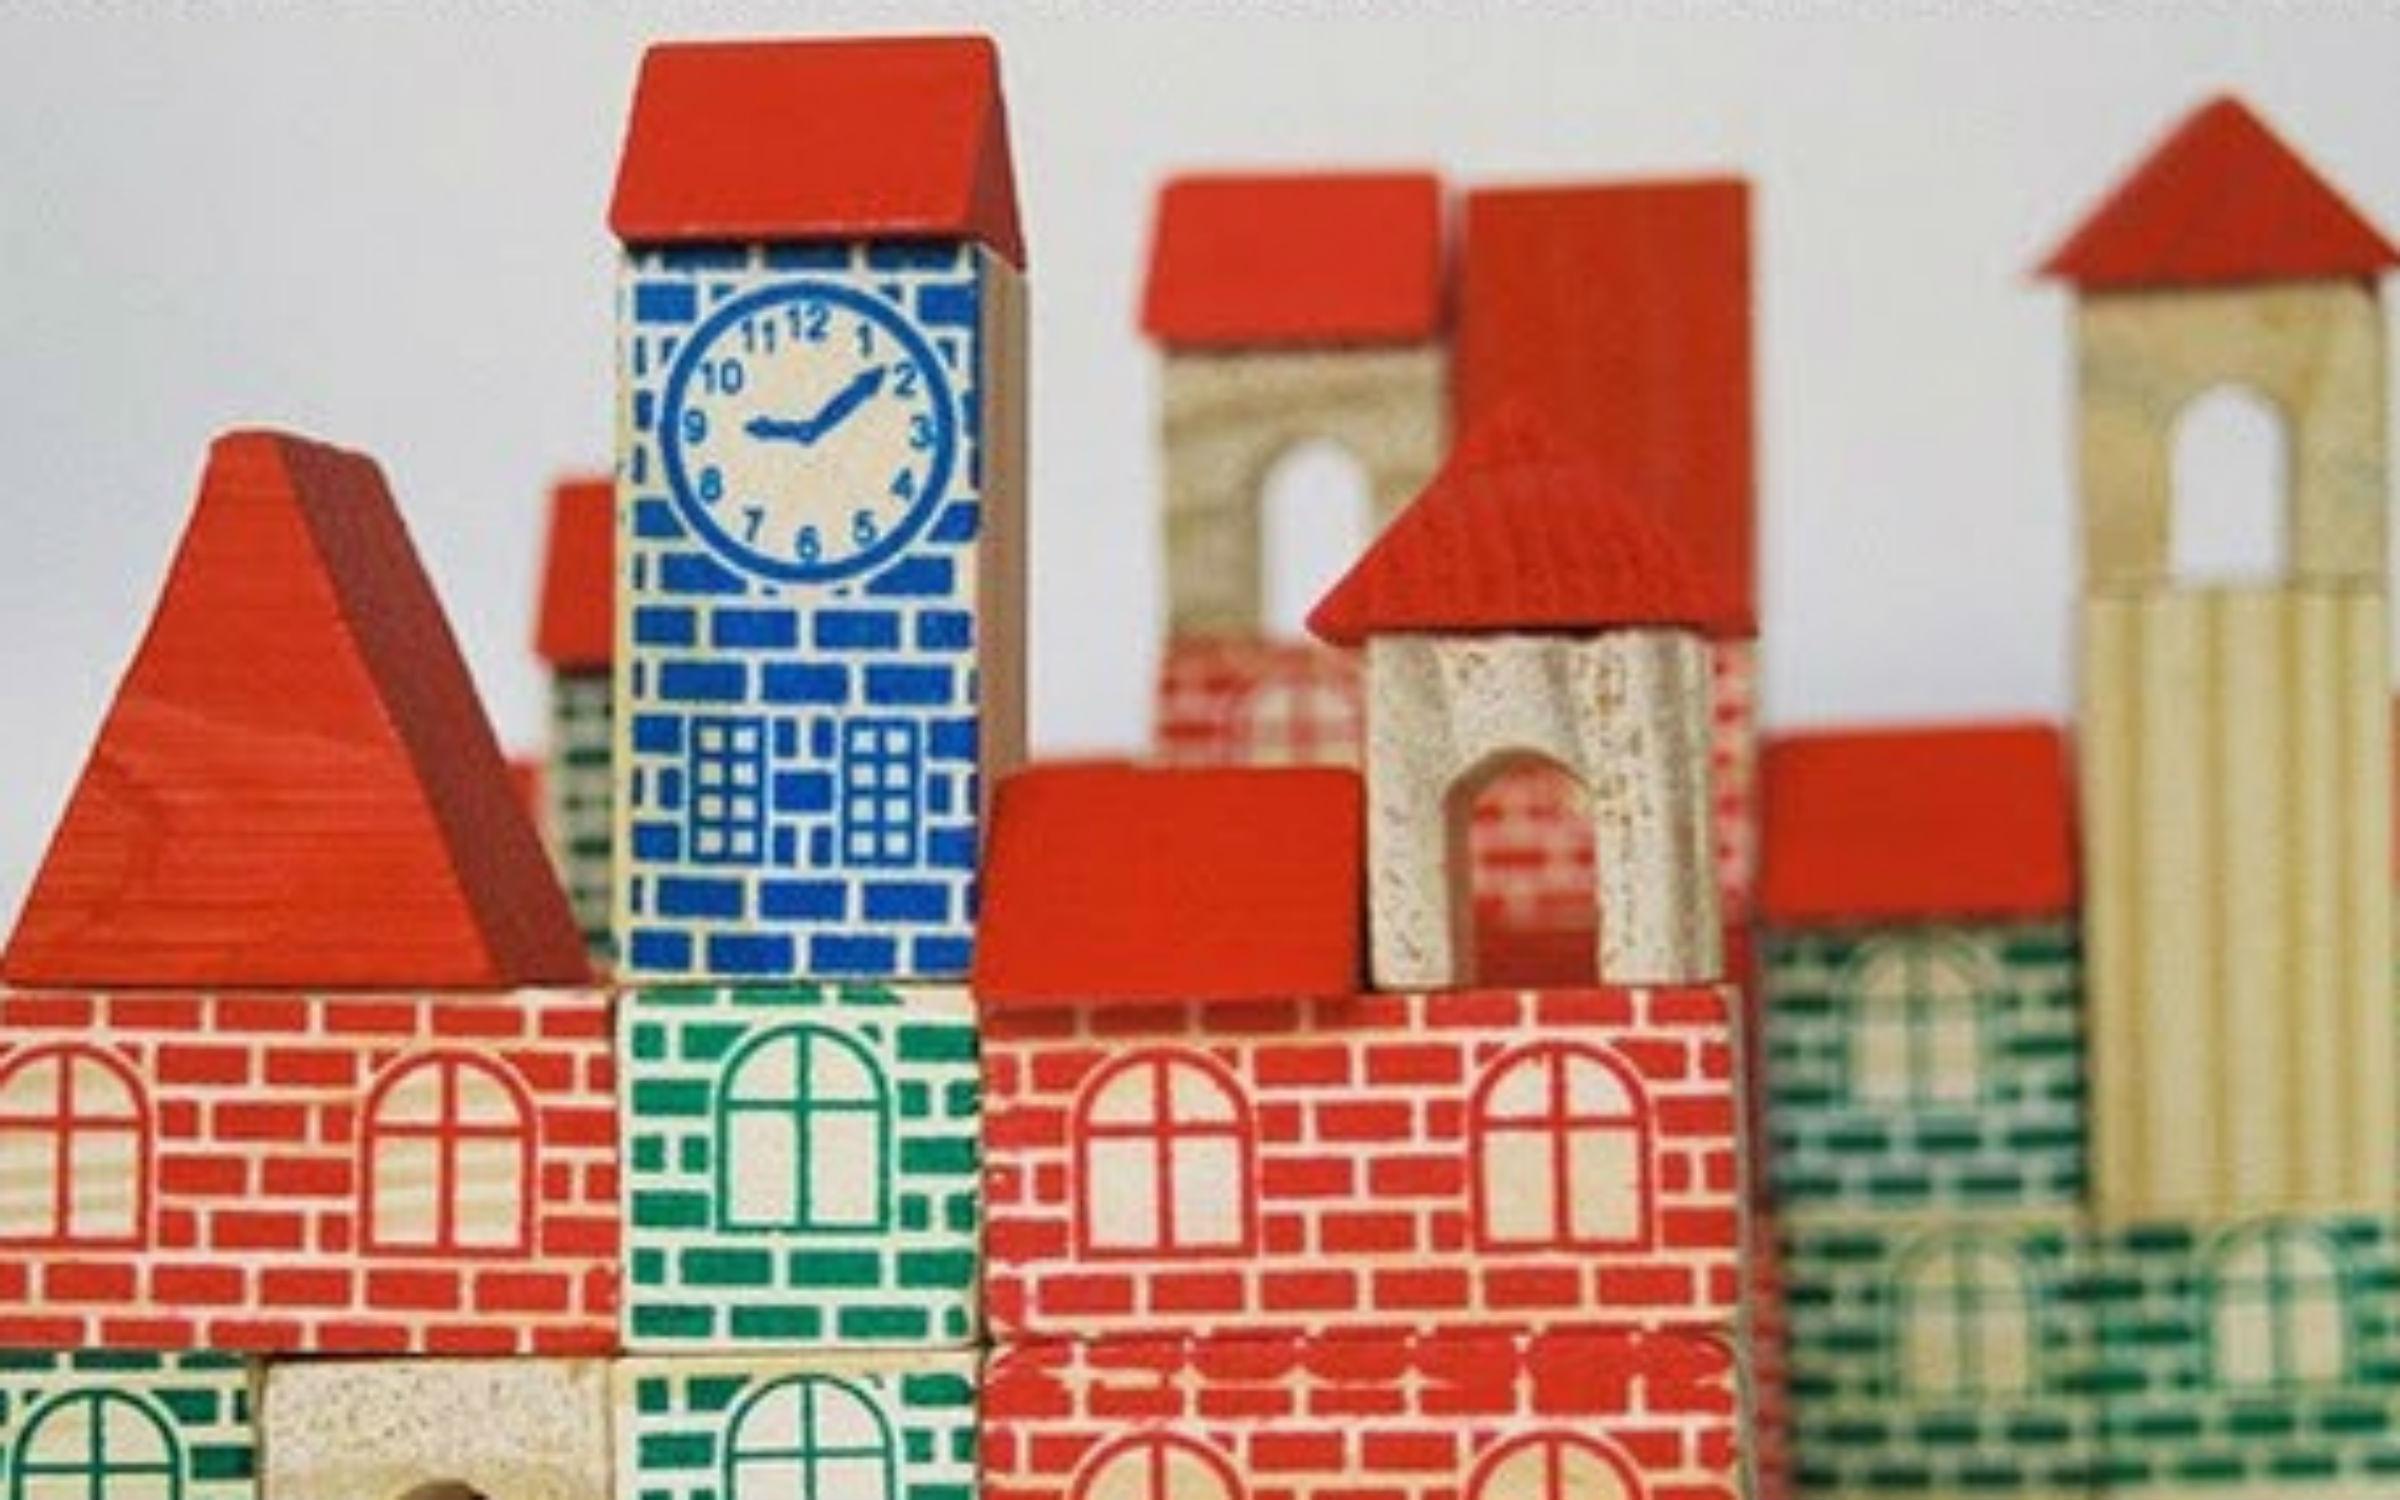 castelo madeira blocos bloquinhos brinquedo antigo relogio bigbang 1 #104687 2400x1500